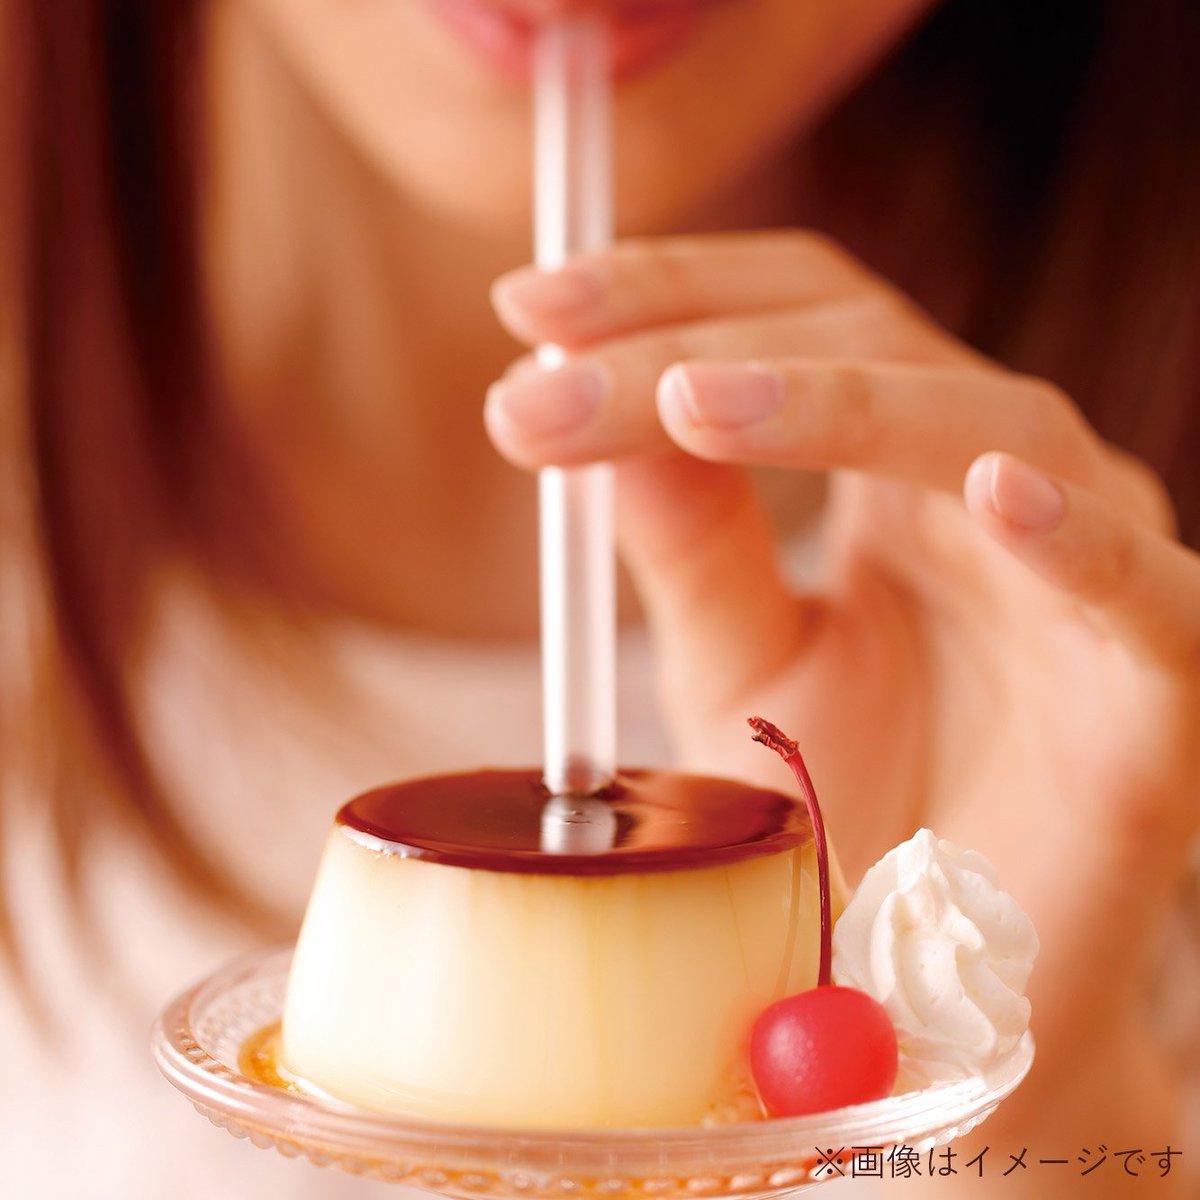 6月1日より、のむ、たべる、まぜる、新食感デザートドリンク『ジェリコ』がスタート❤️今年の新作はコメダのミルクセーキにカラメルジェリーを合わせた『飲むとプリン』🍮これまでのプレーンジェリコが今年は「元祖」となって登場❗️※販売は一部店舗を除きます pic.twitter.com/HK0ghoSgax